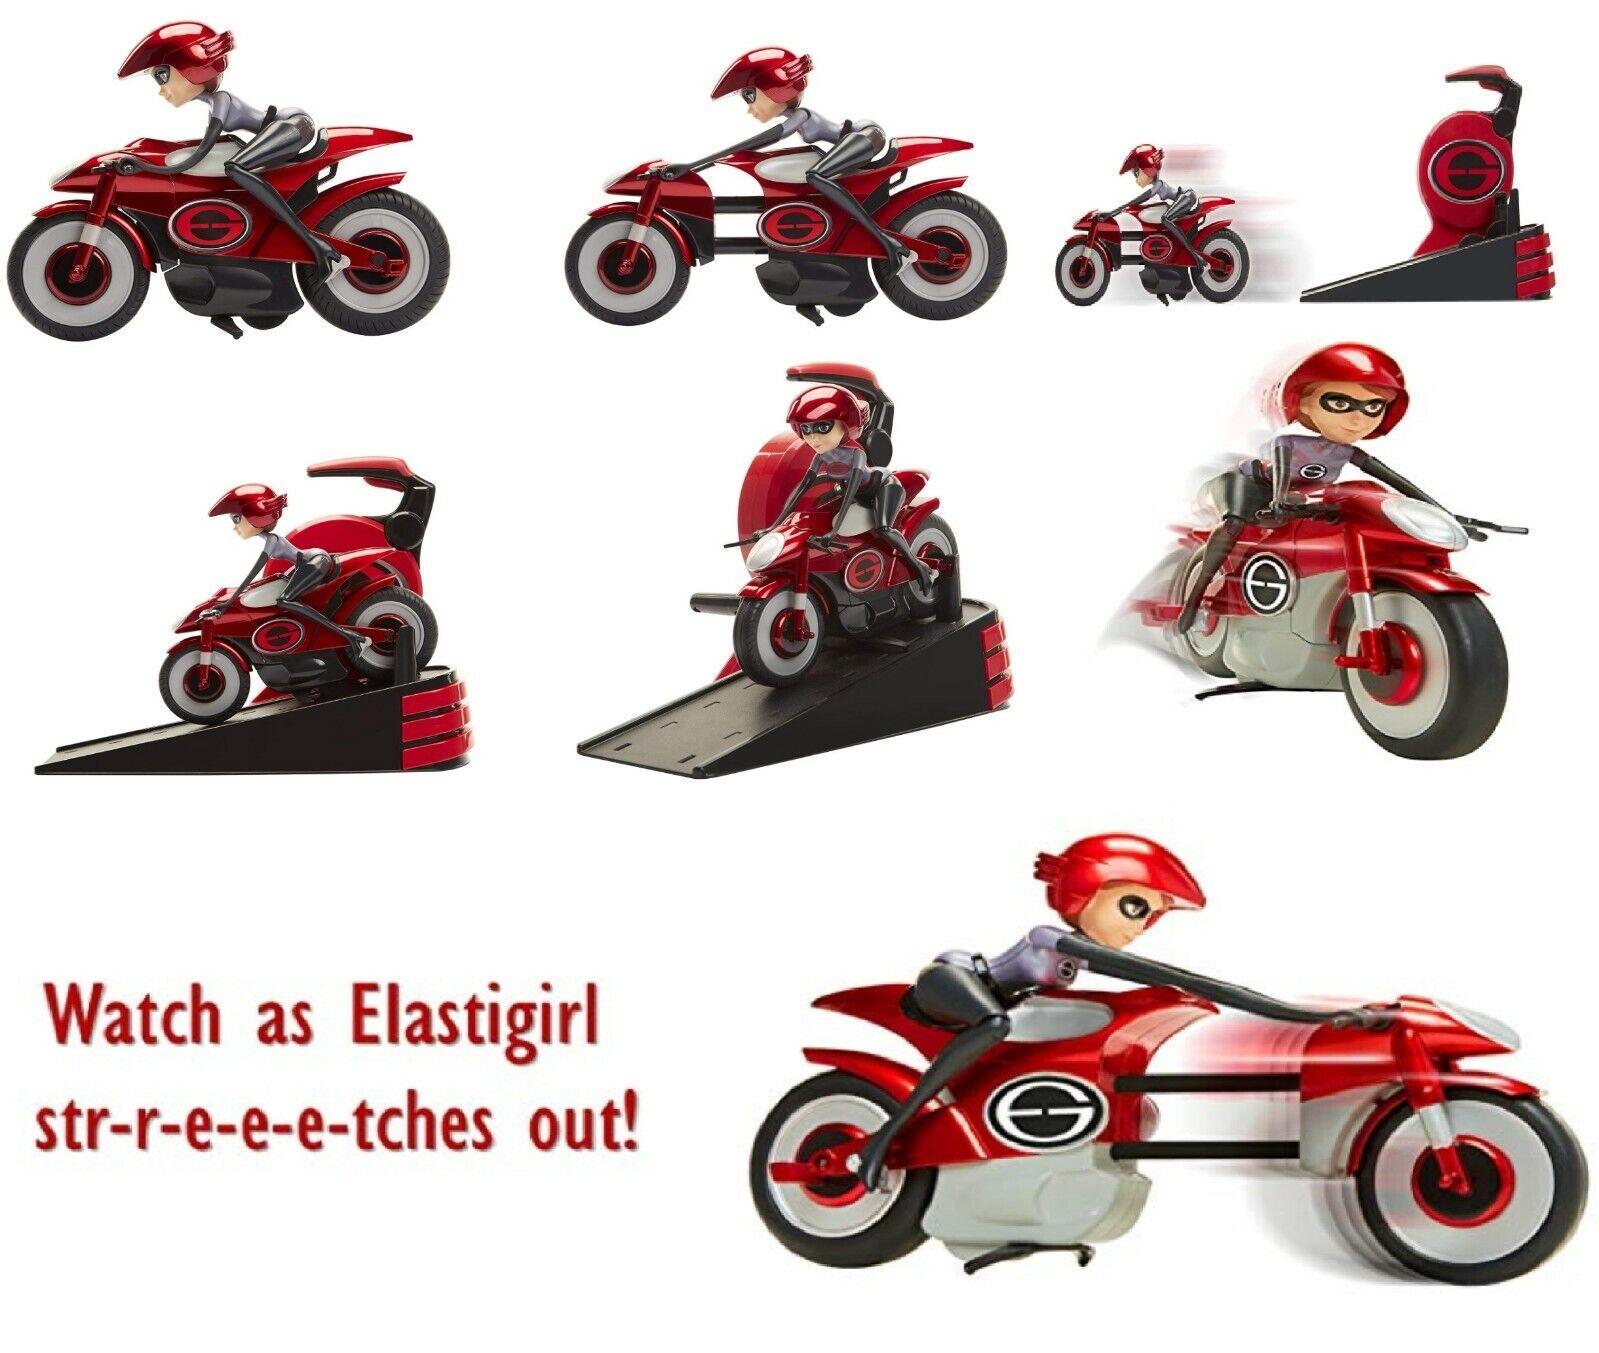 Otroligt två långa Elastic -cyklar Elastigirl spelagset 3 leksaksbil cykel